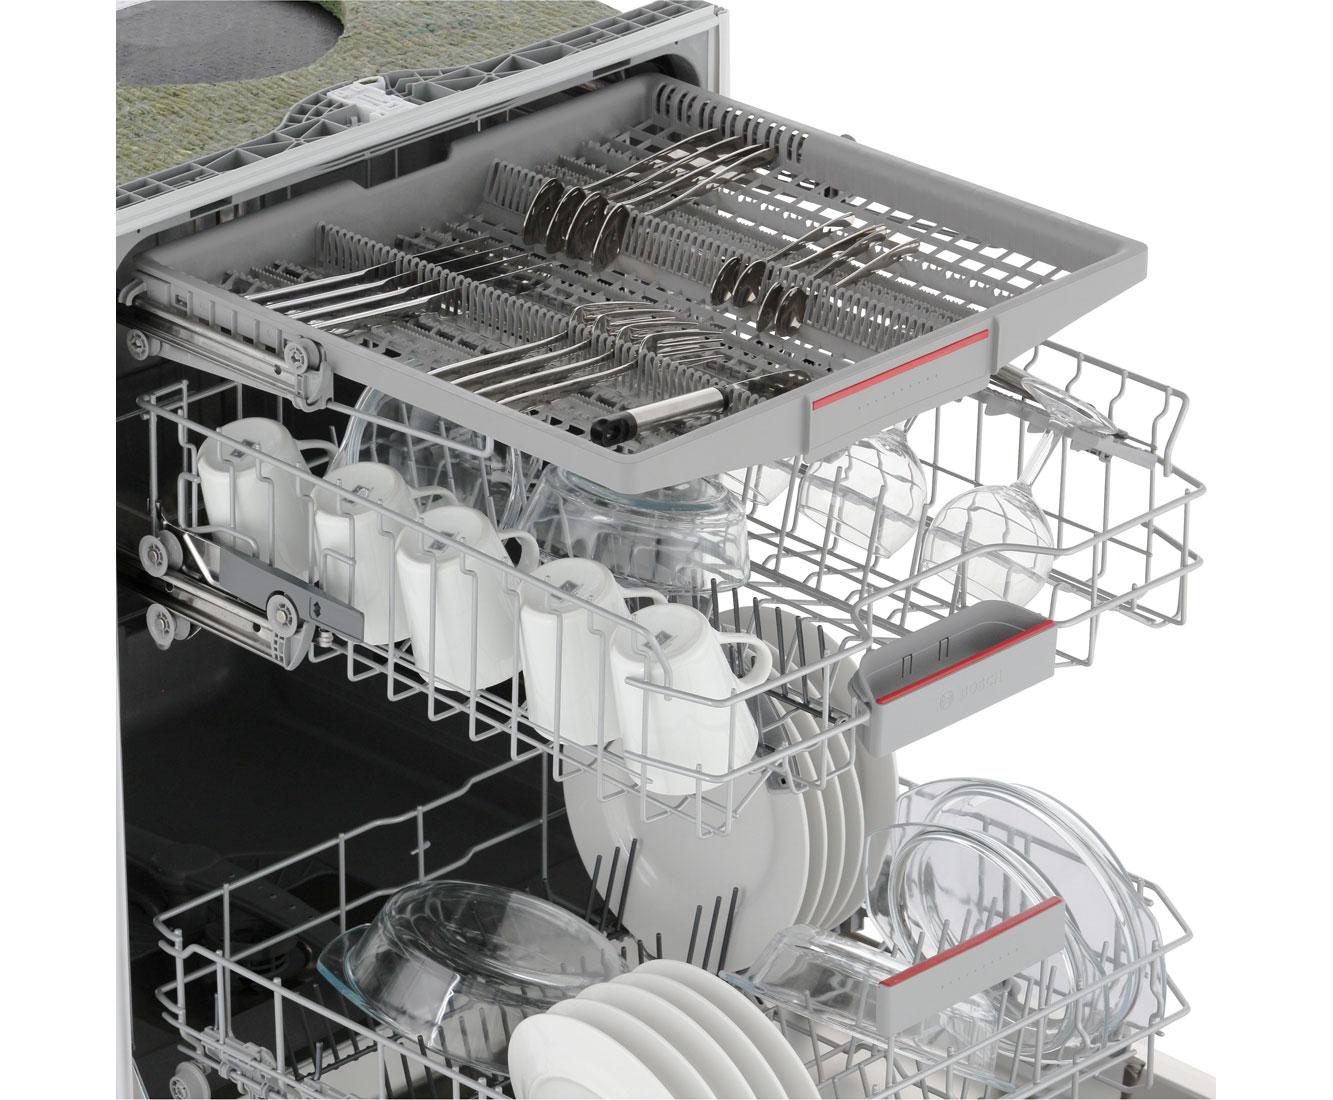 Spulmaschine Besteckschublade Constructa Cg4a55j5 A Integrierbarer